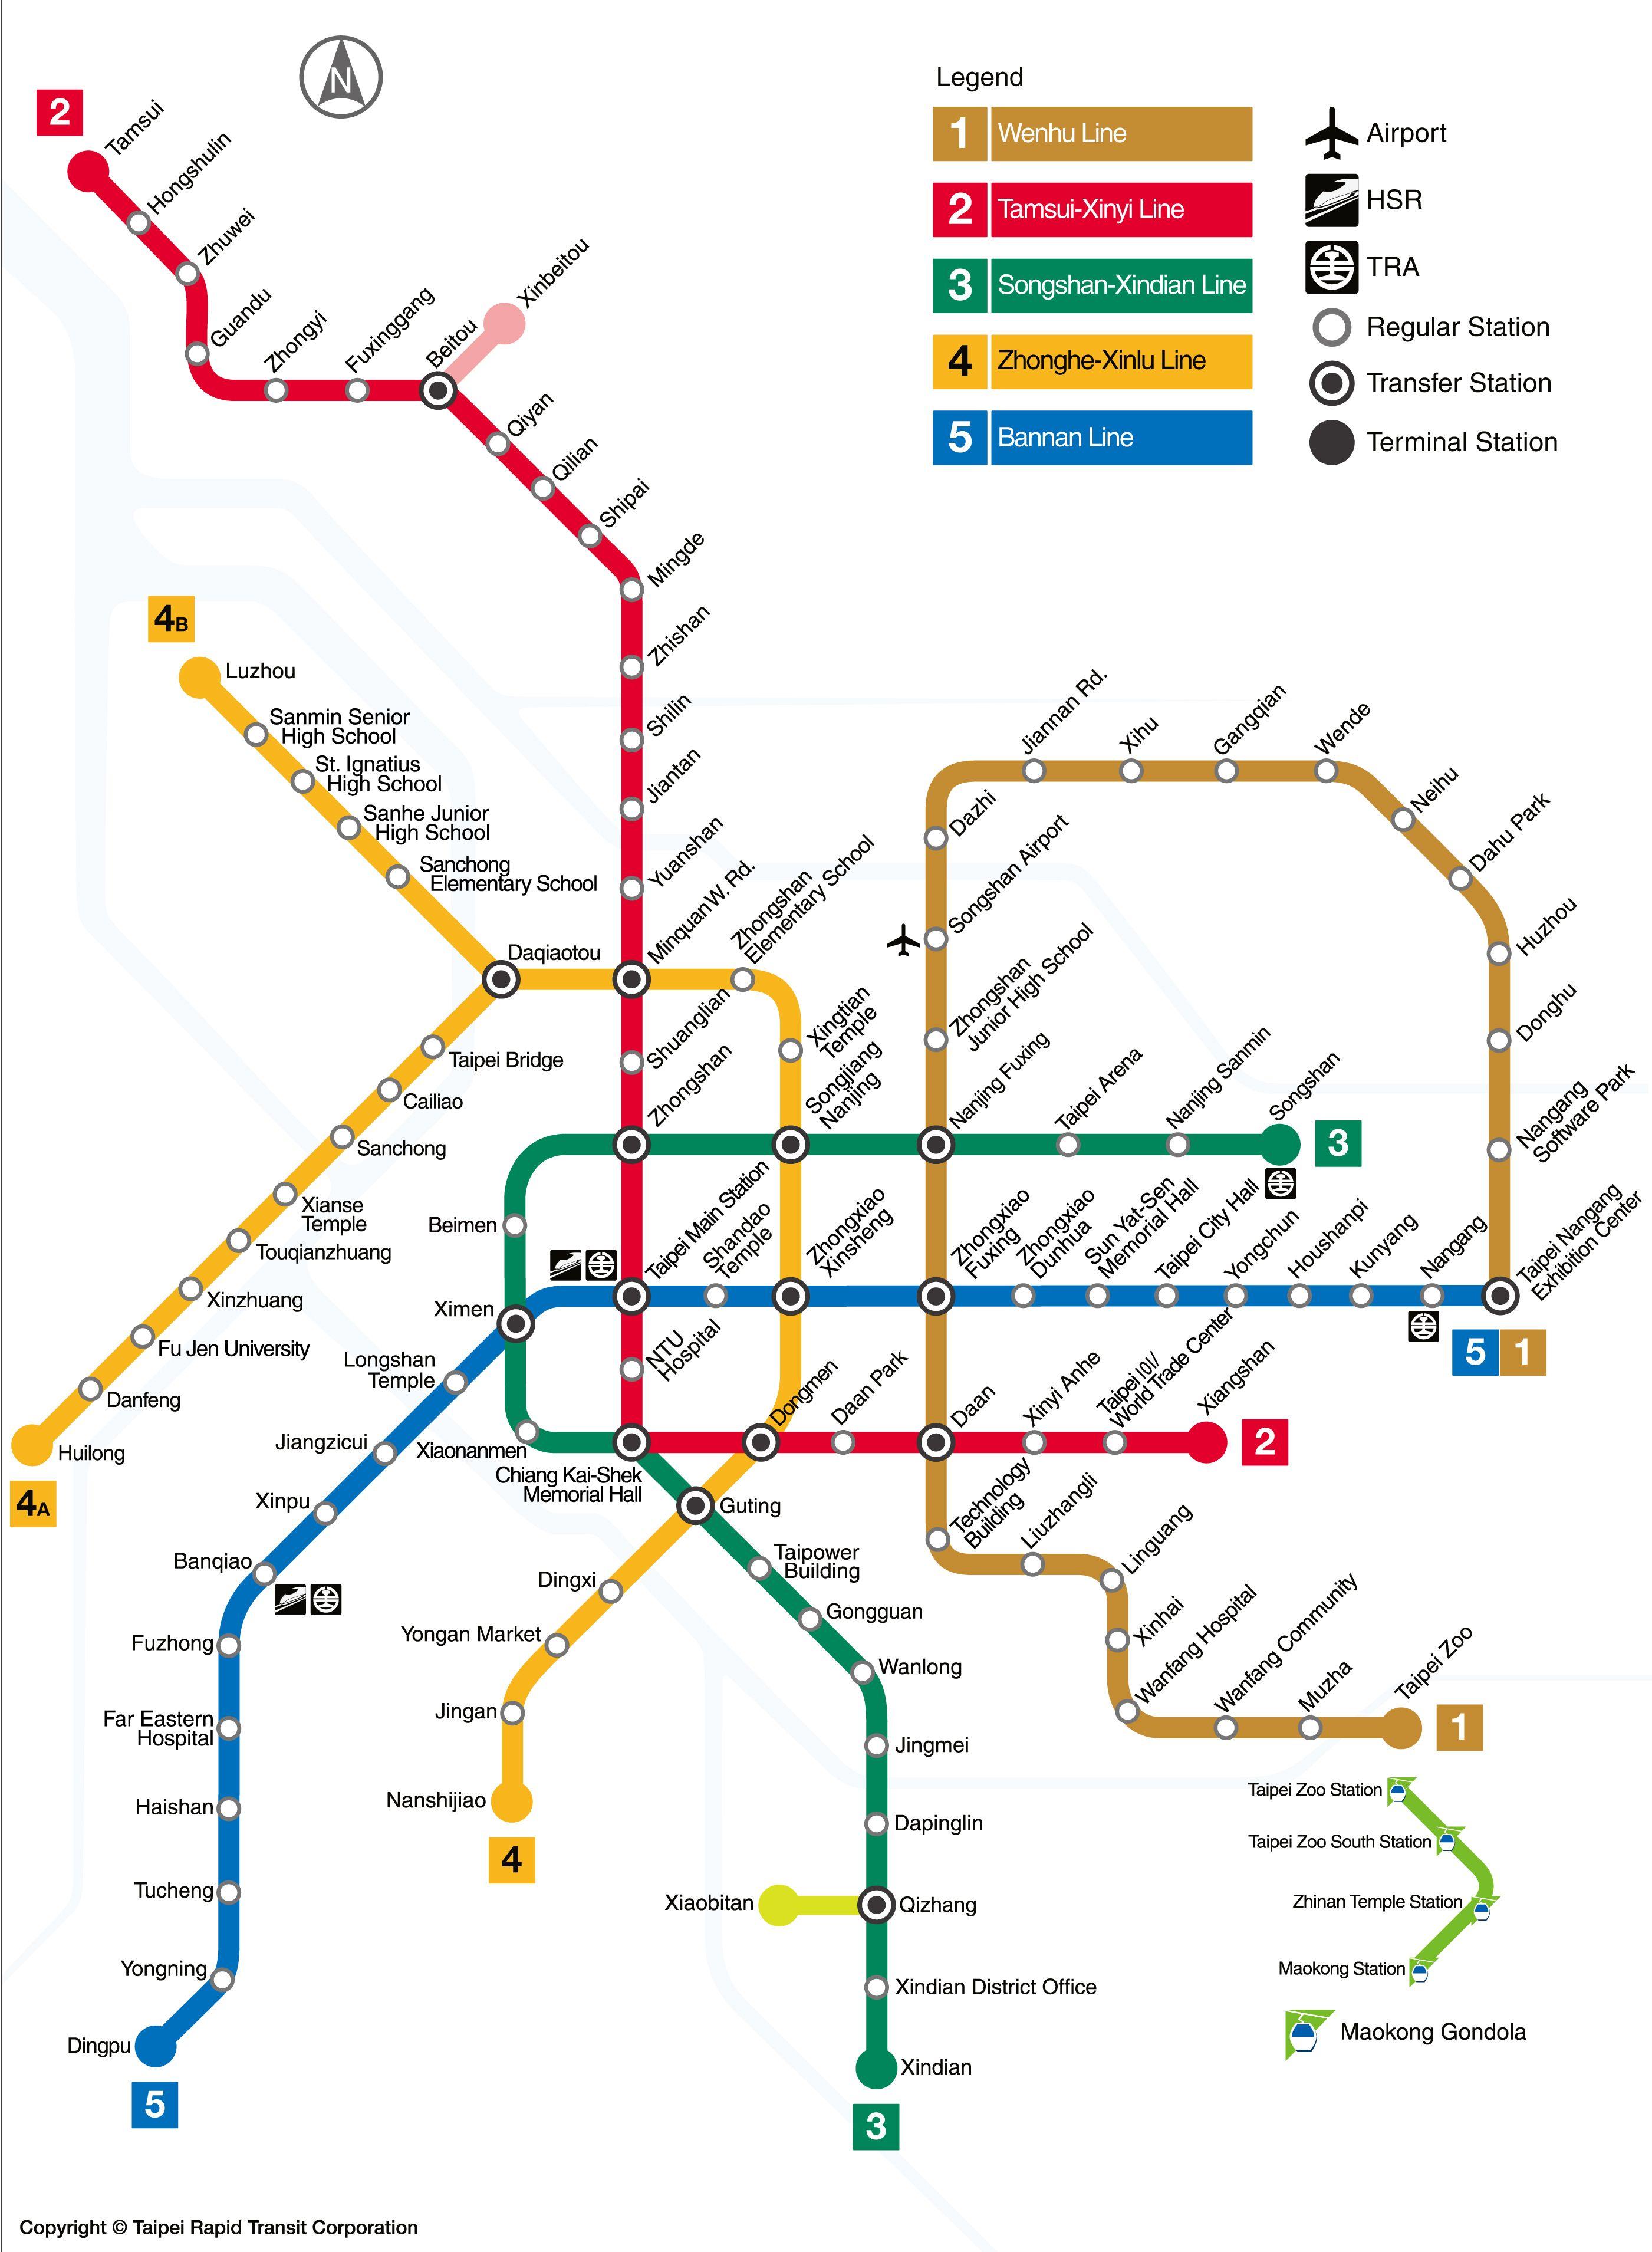 Taipei Mrt Map Metro of Taipei | Taipei | Taipei travel, Taipei metro, Taiwan travel